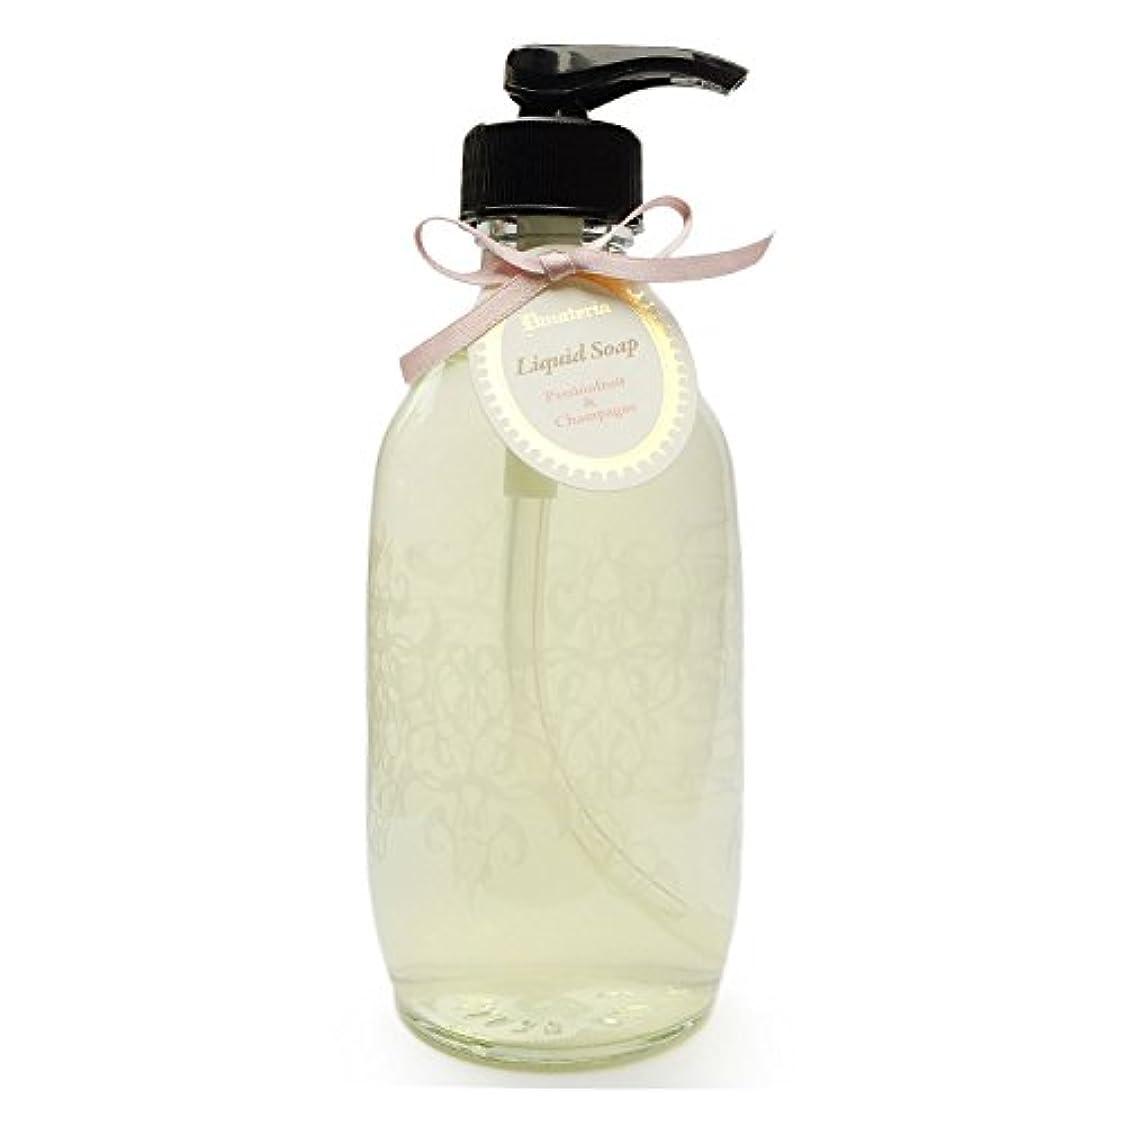 その結果不可能なギャンブルD materia リキッドソープ パッションフルーツ&シャンパン Passionfruit&Champagne Liquid Soap ディーマテリア